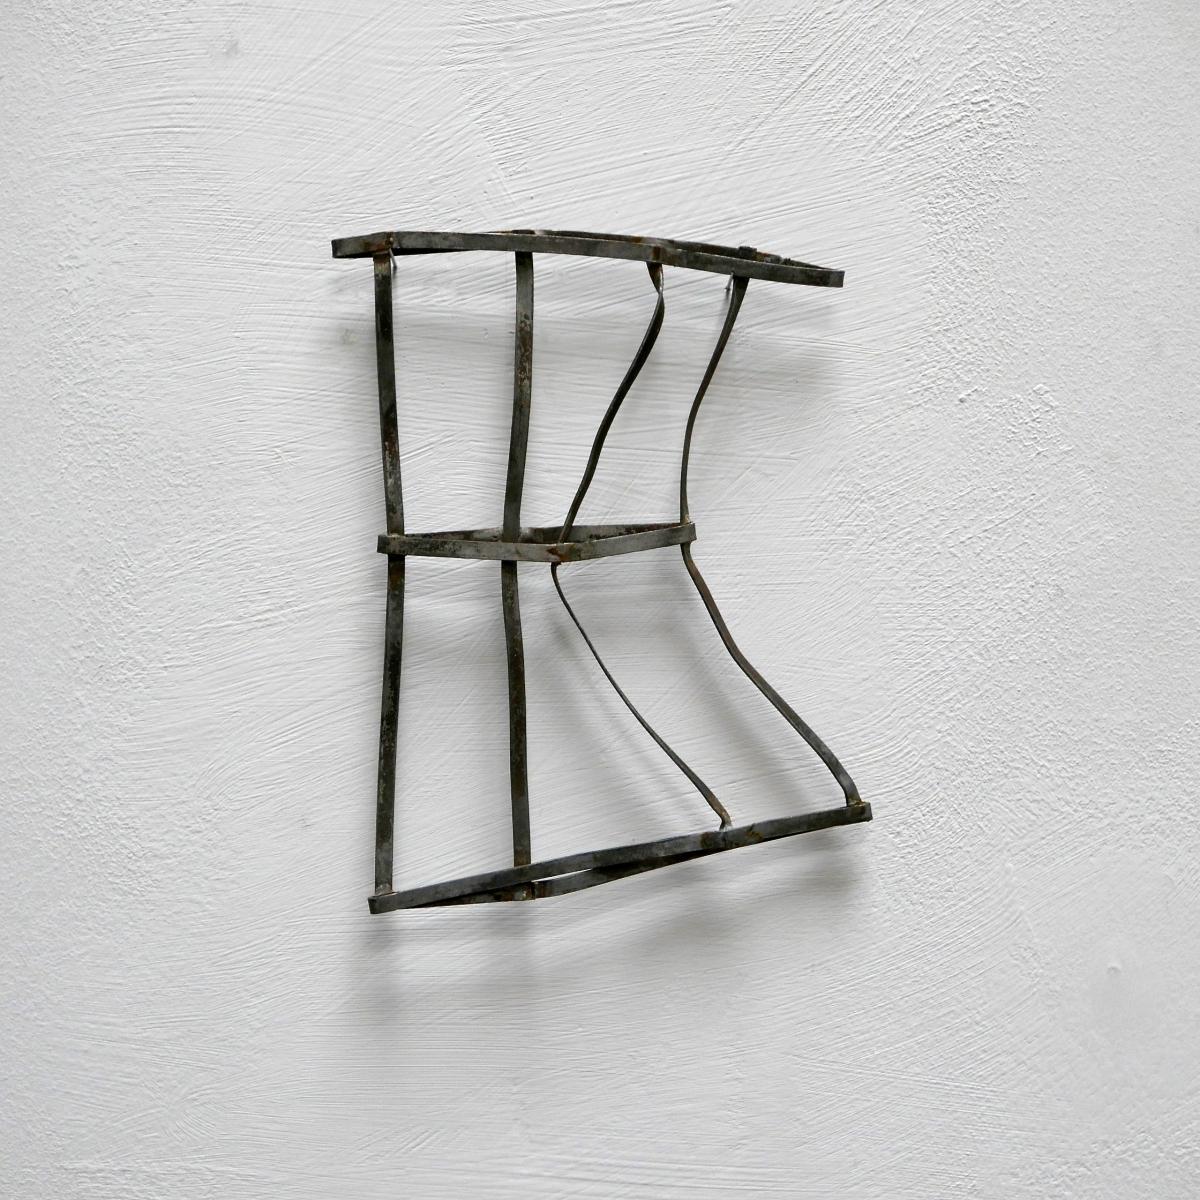 #31 Simon Oud, Geplet volume P2, zink, 15 x 11,5 x 0,5 cm